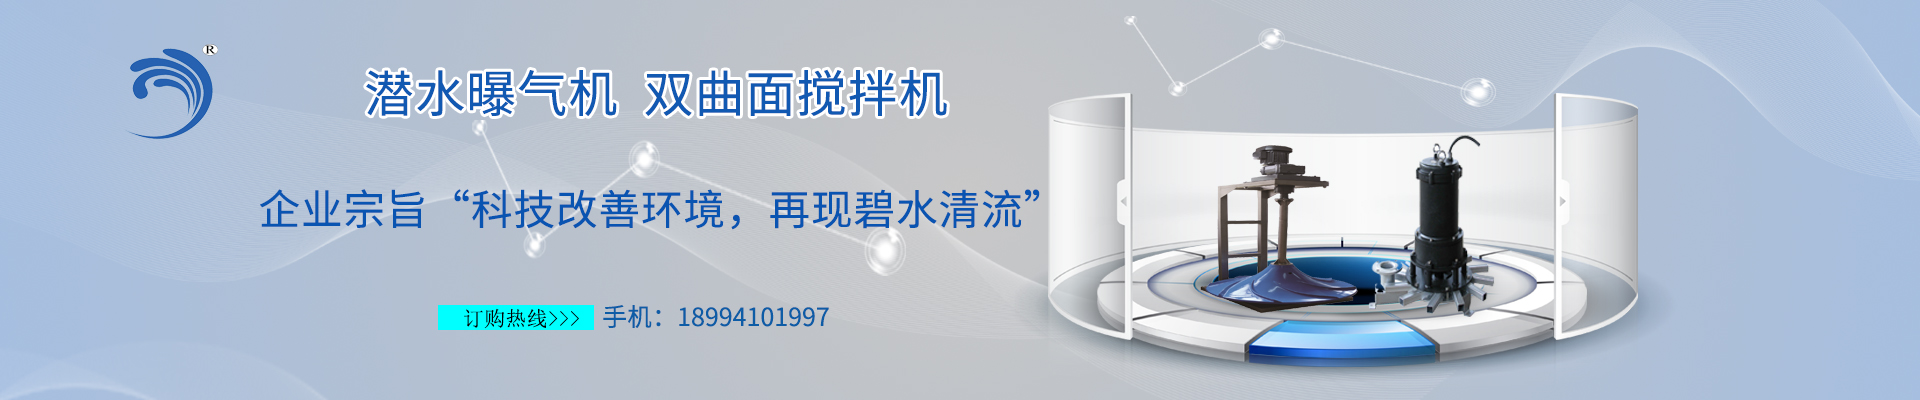 南京宏久环境工程设备有限公司